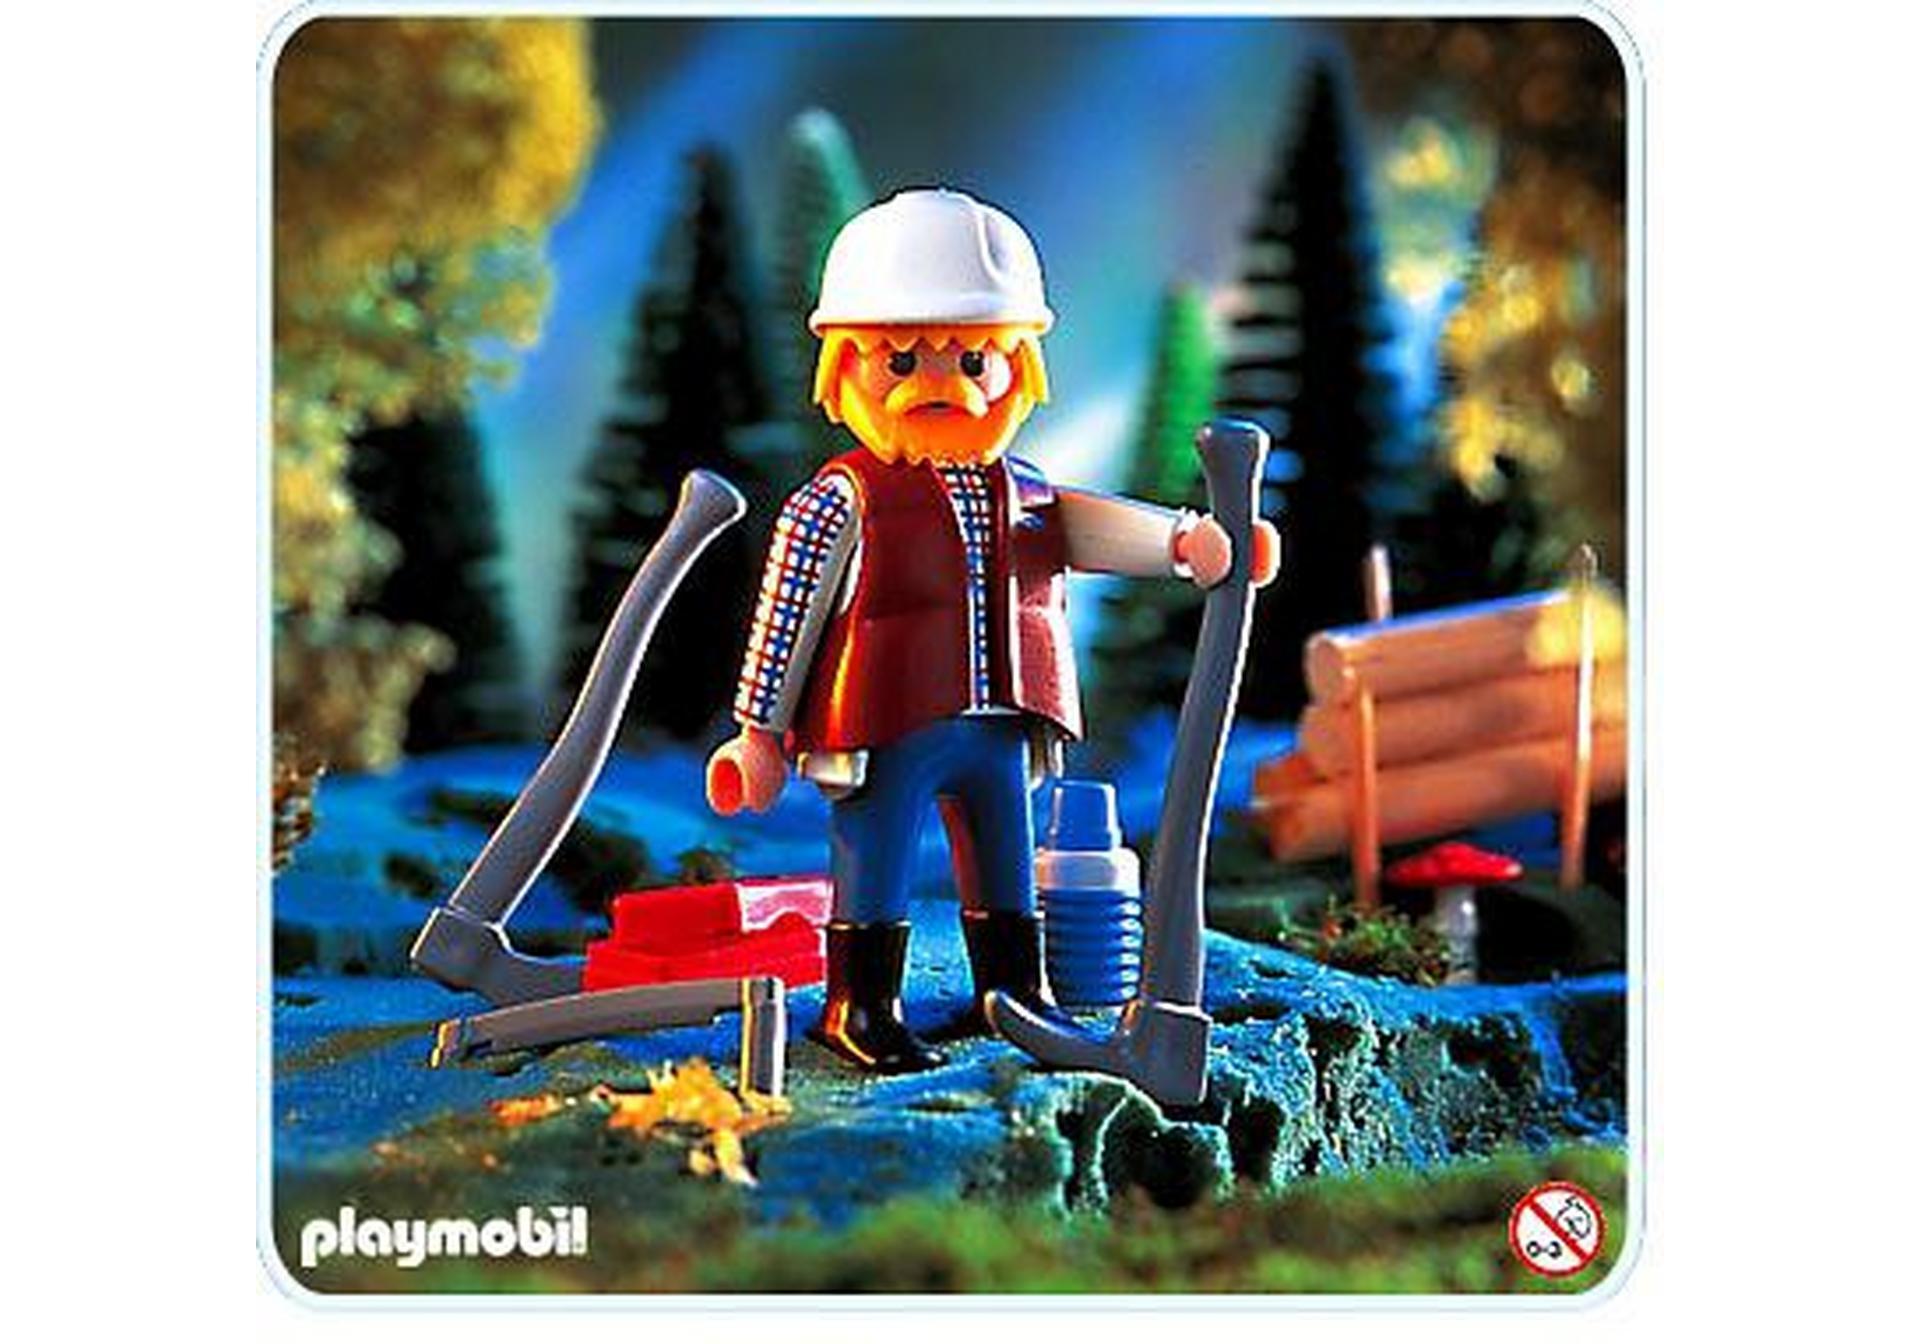 Holzf ller 4515 a playmobil deutschland for Jugendzimmer playmobil